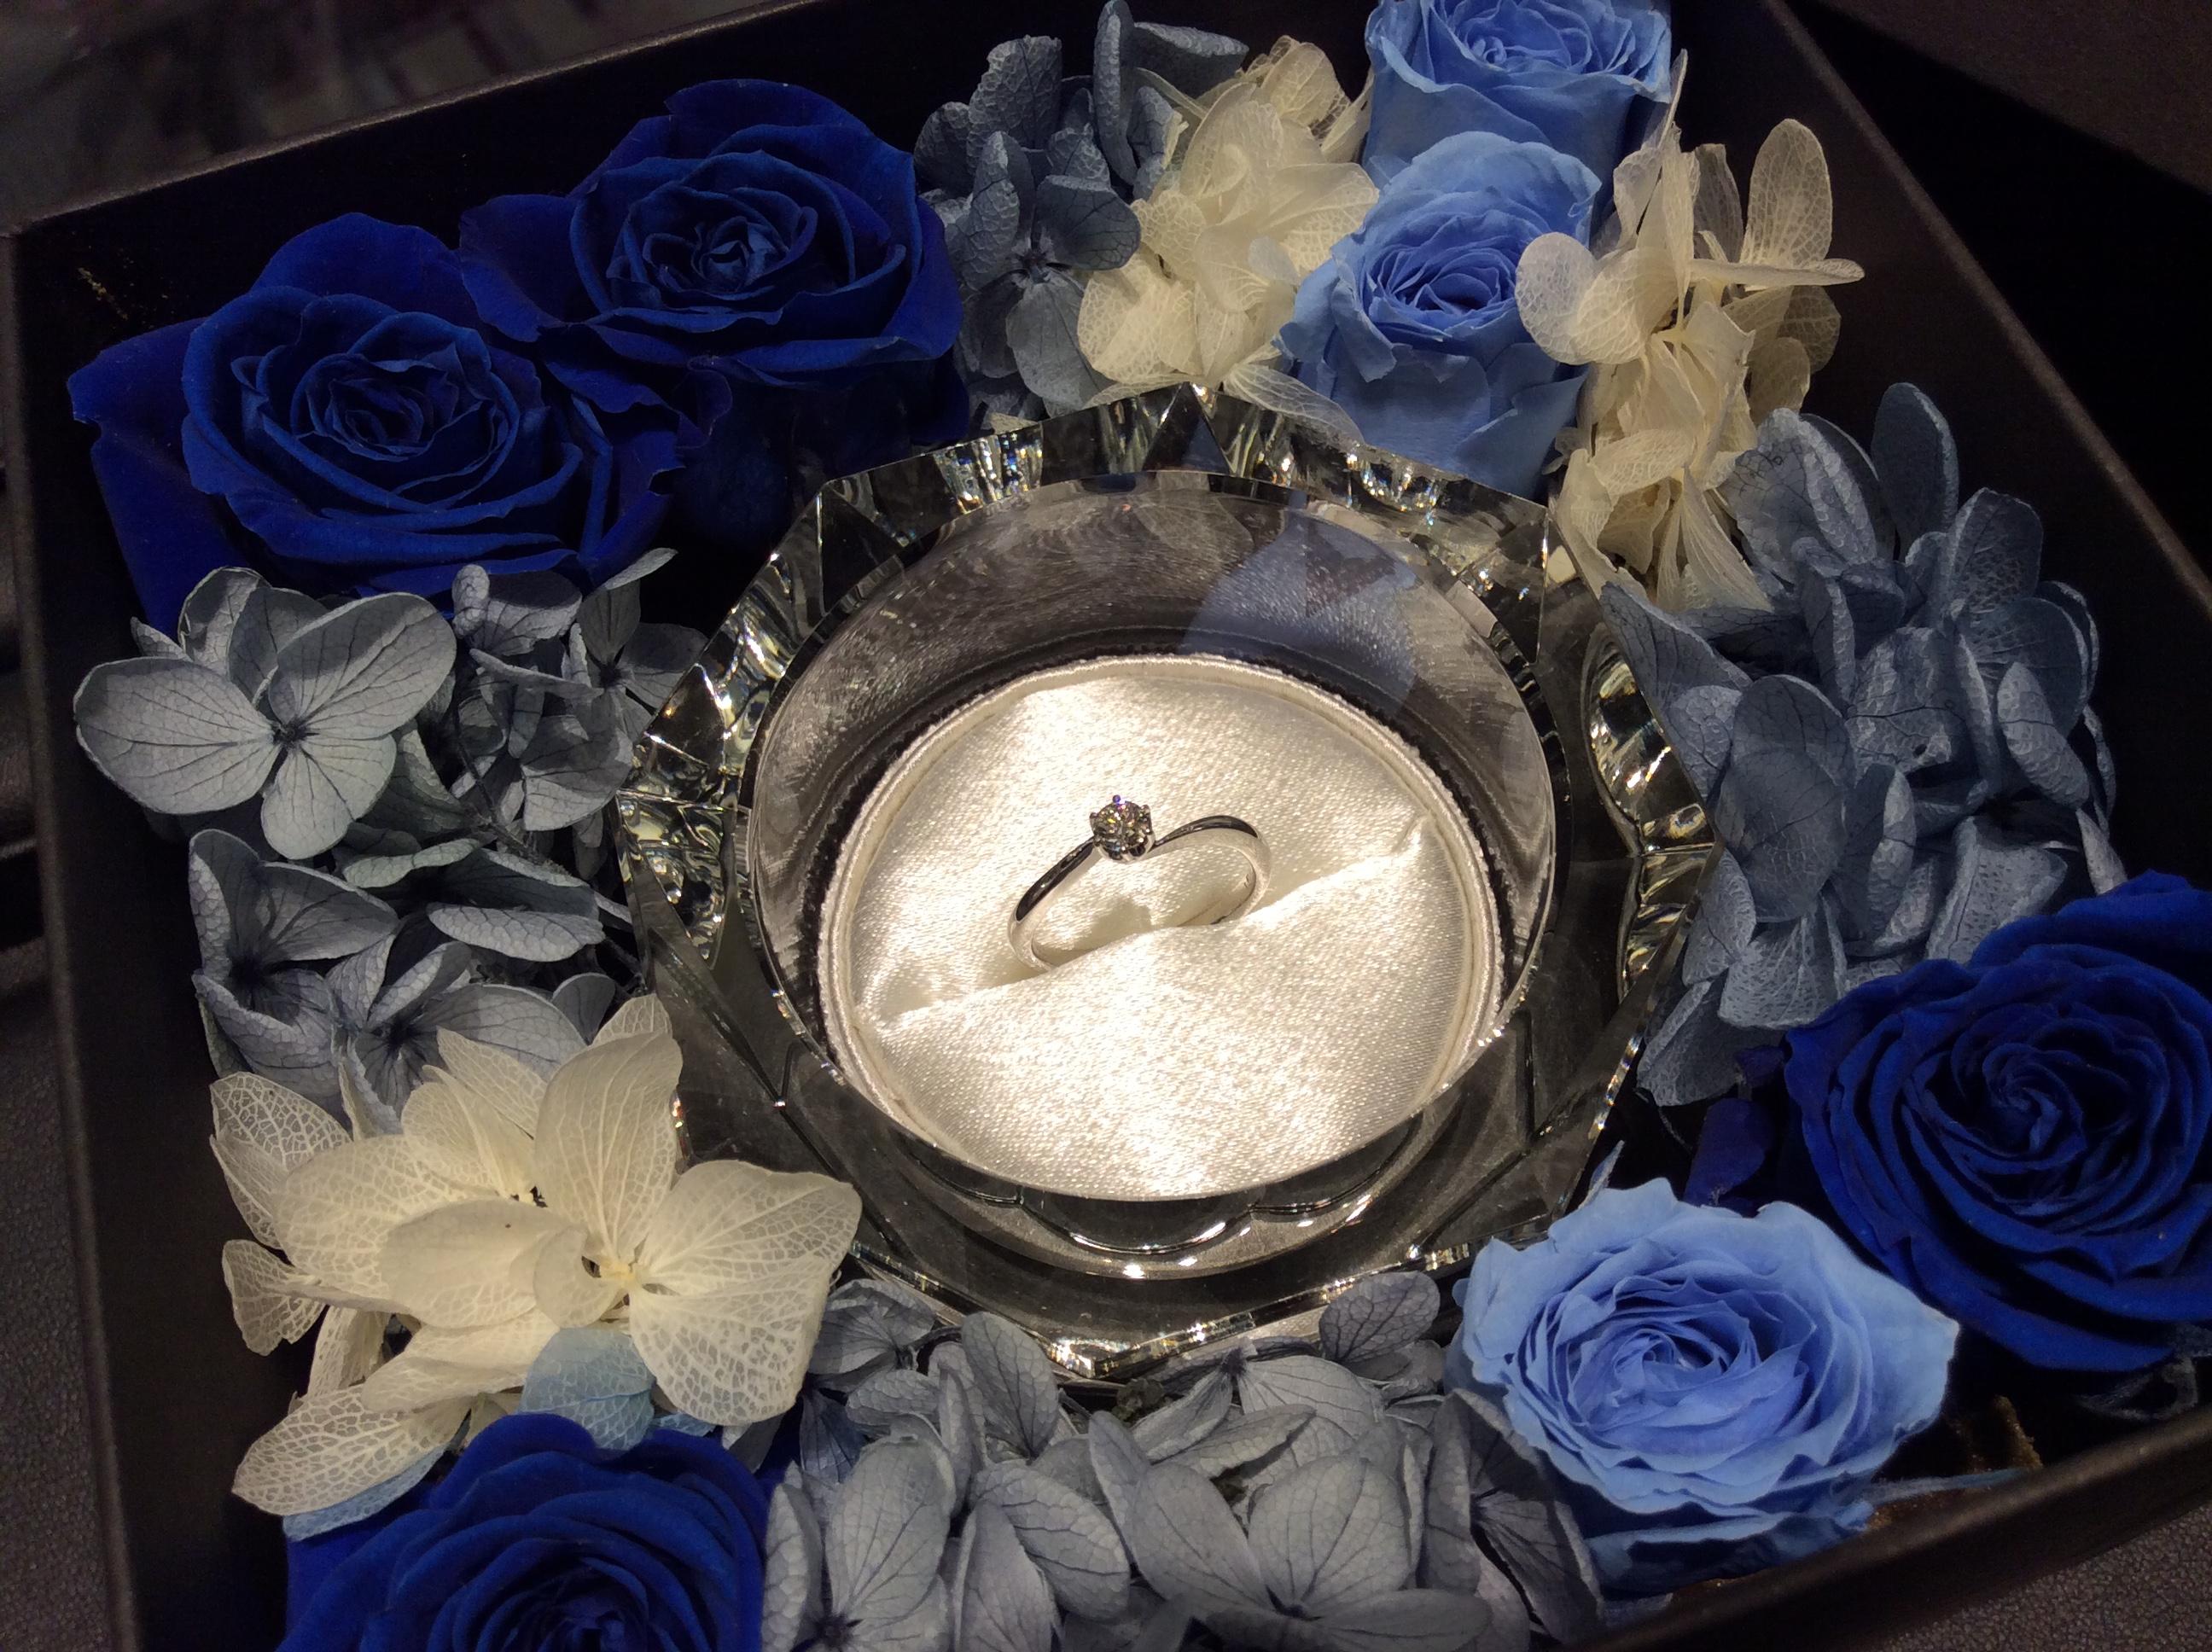 ラザールダイアモンドの婚約指輪をご納品致しました。(柏崎市・I様)